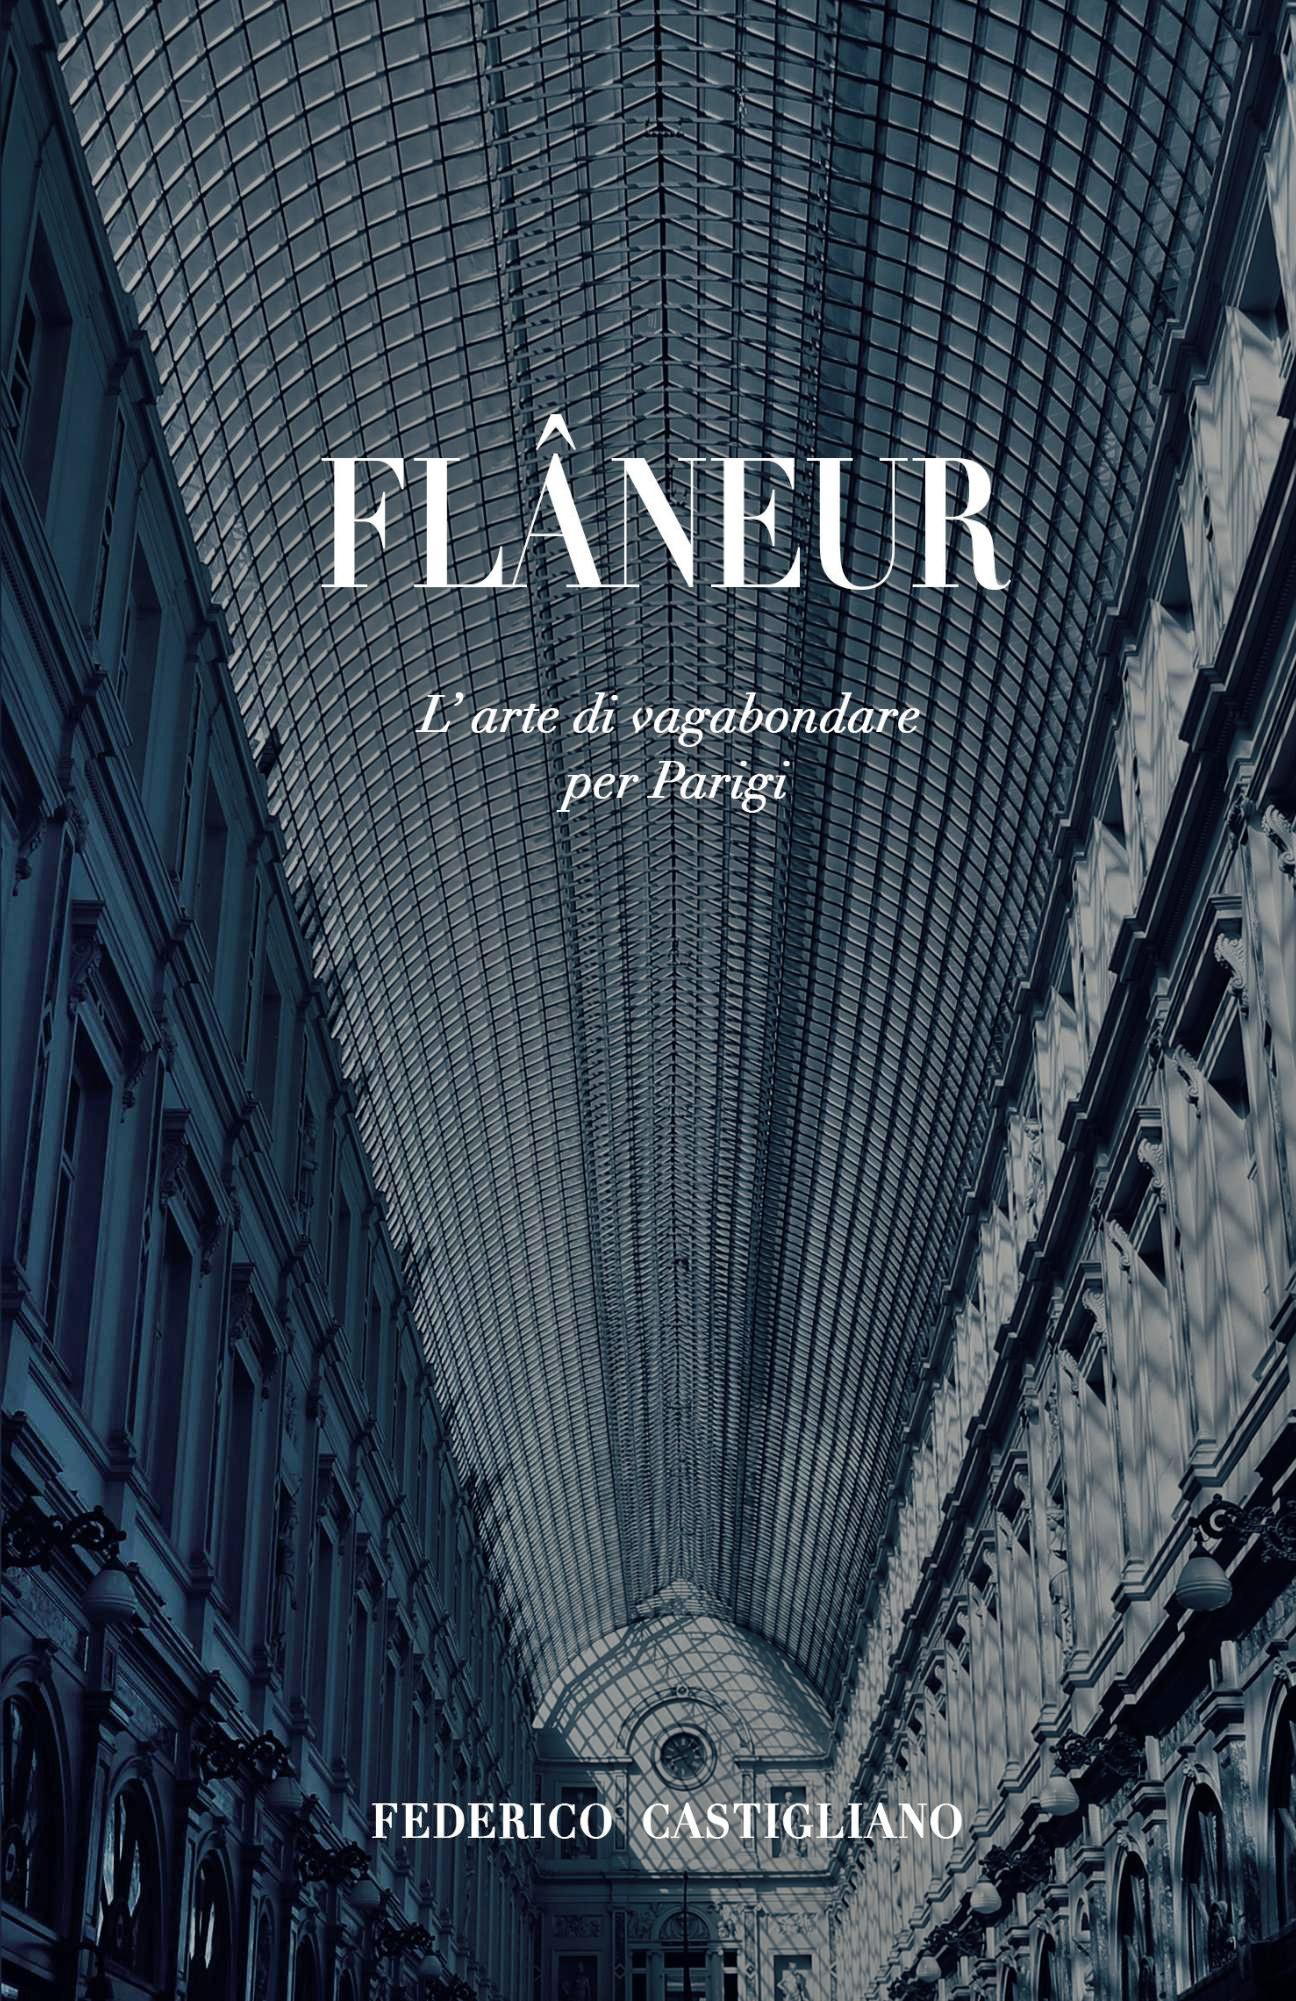 La Bibbia dei flâneur, una lettura indispensabile per gli amanti di viaggi e di Parigi -